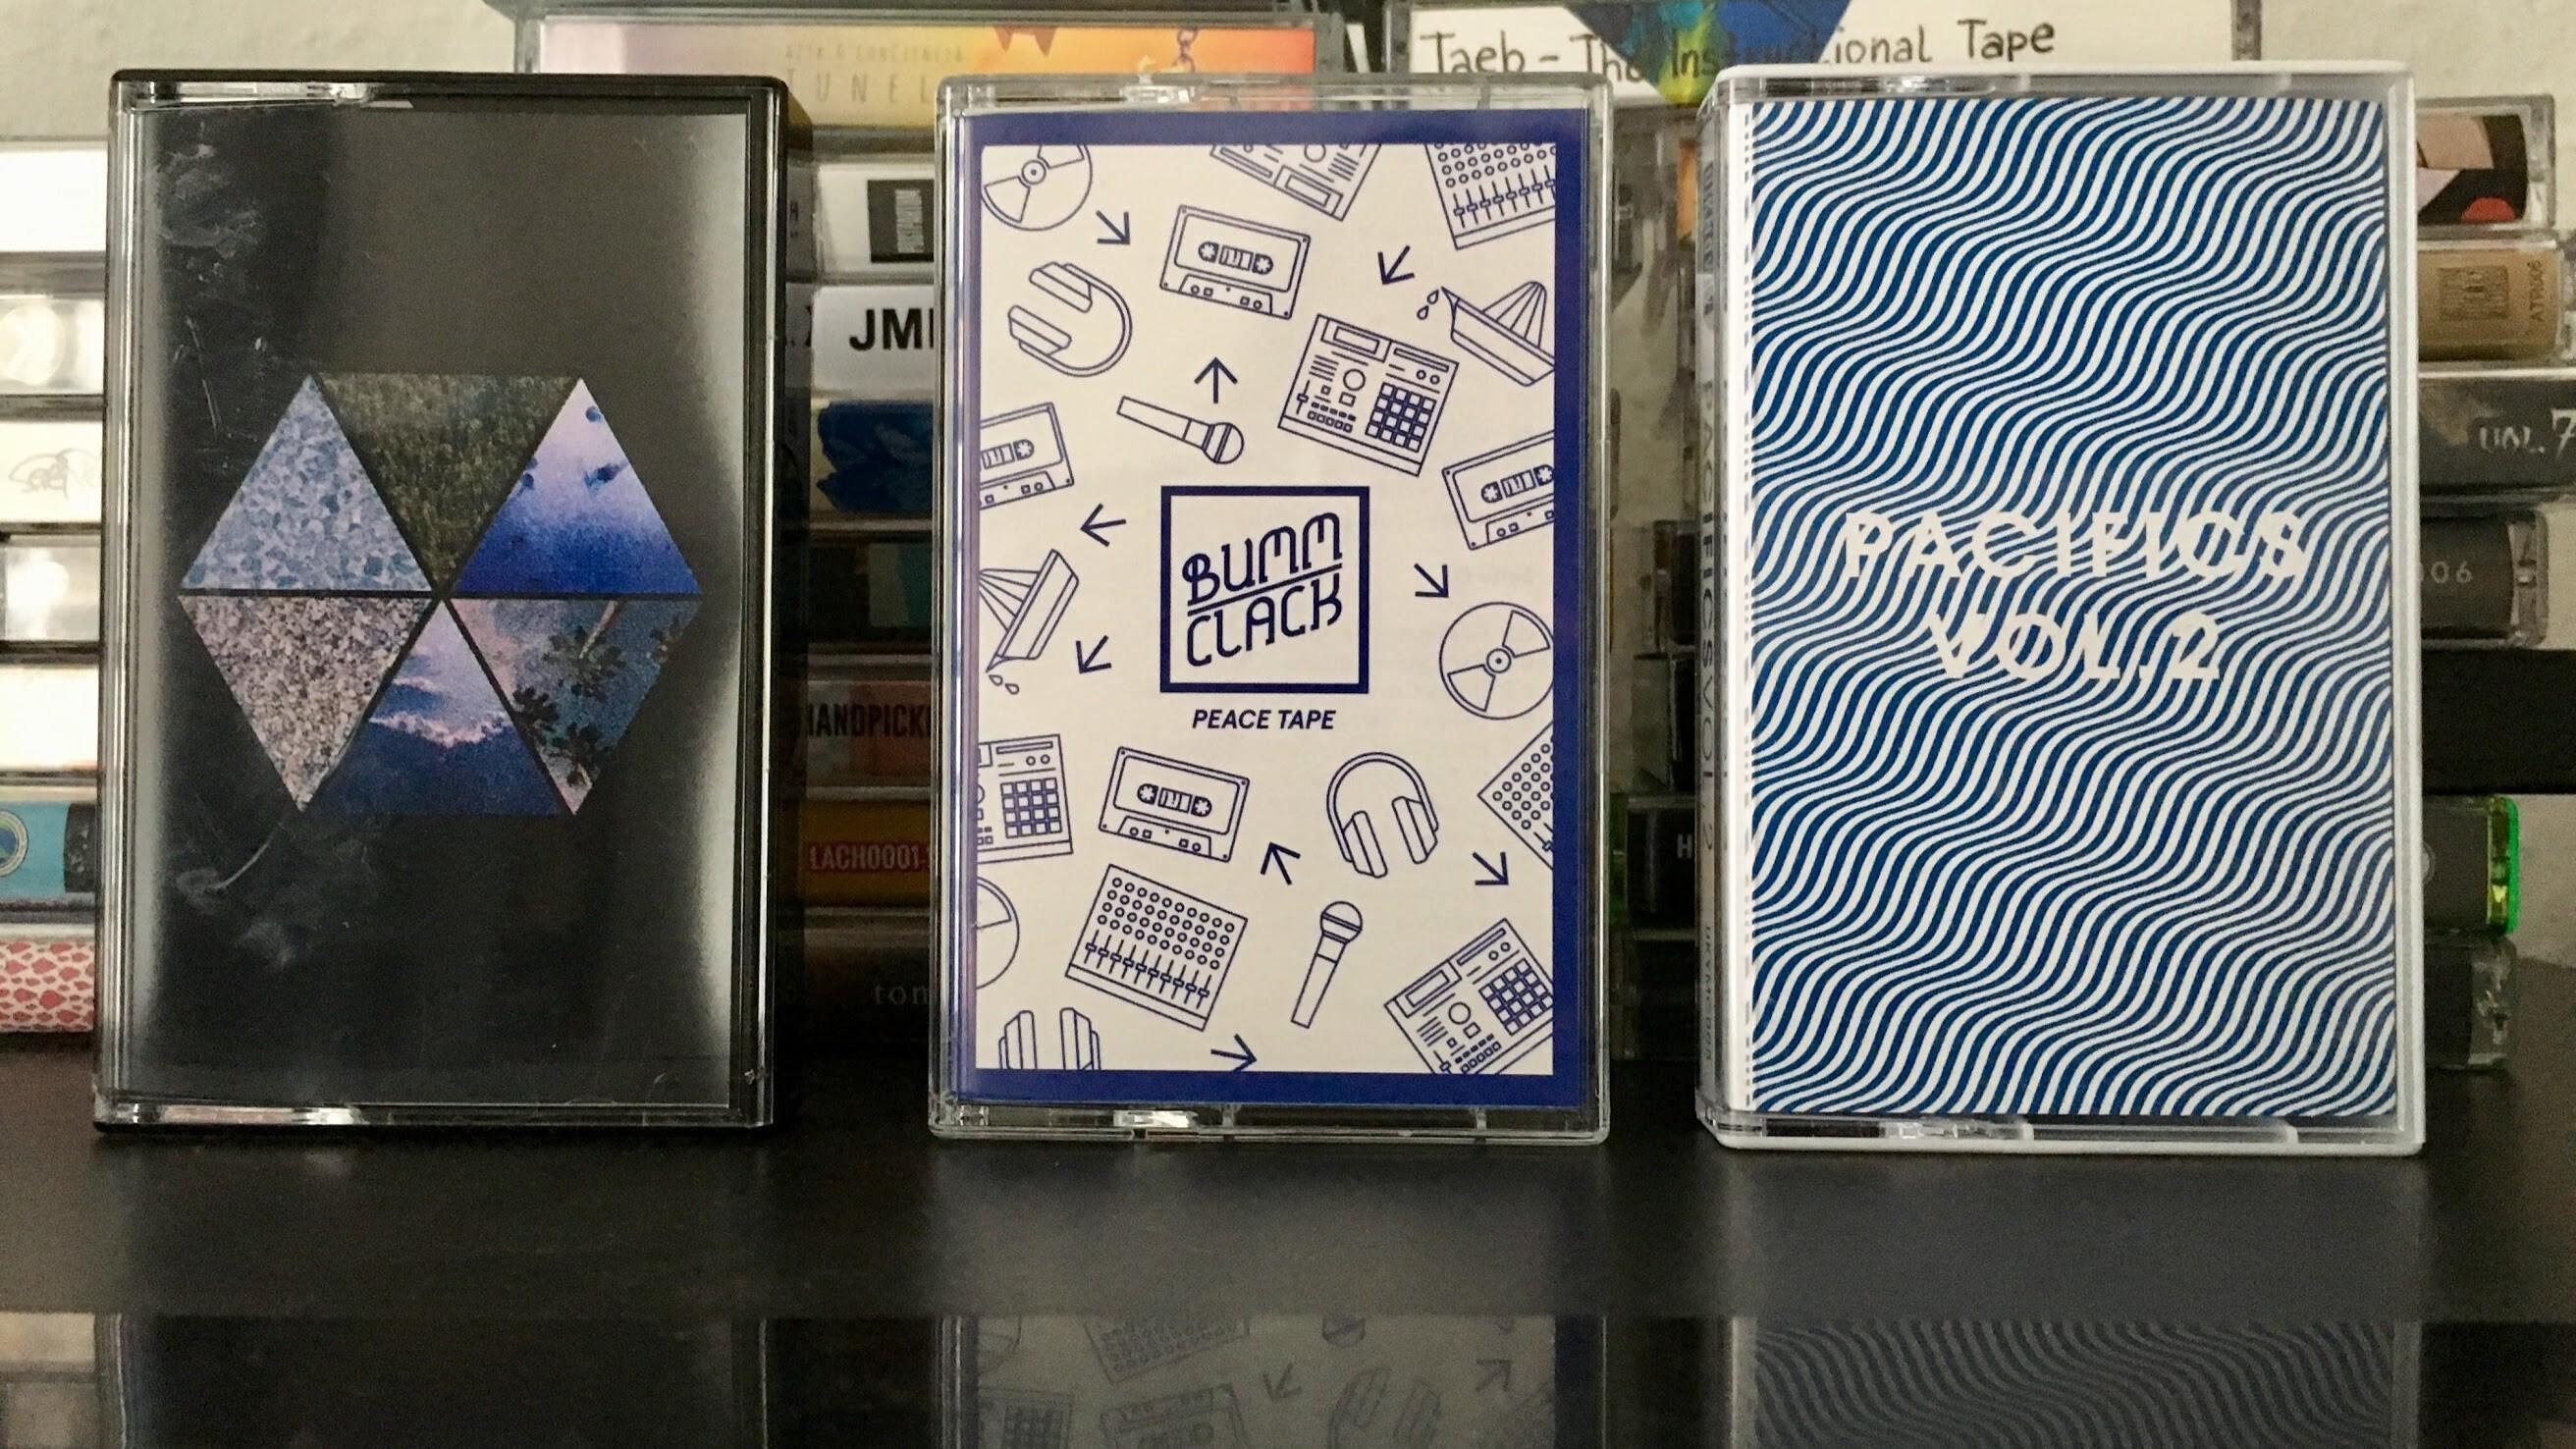 LBL x Sterilone, Bumm Clack, UKNOWY - Tapes 19